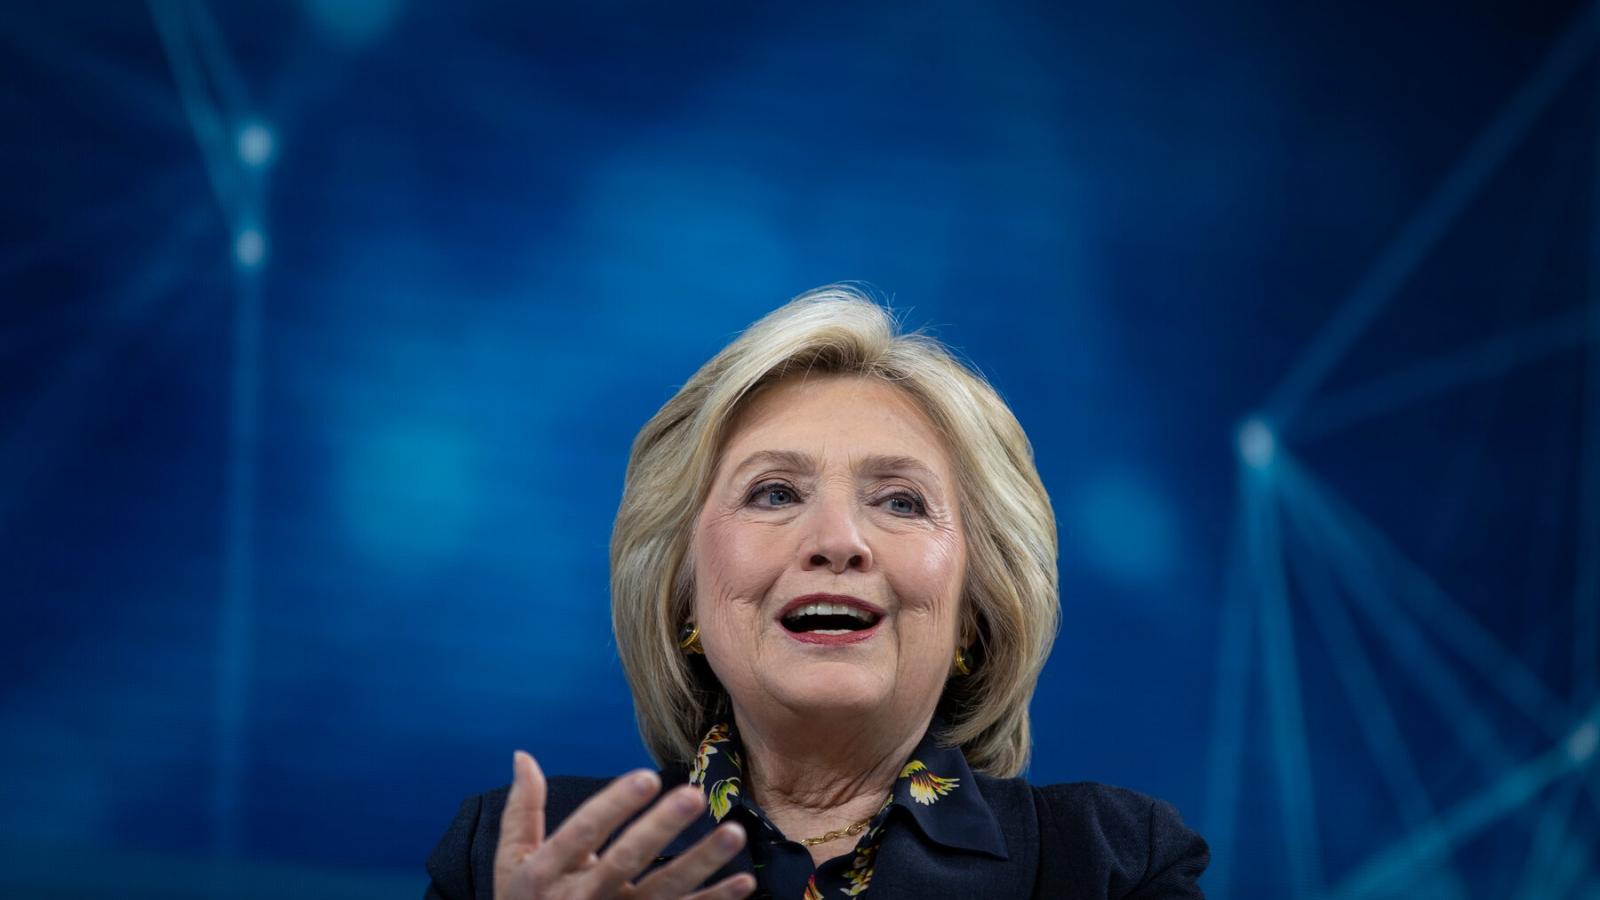 Bà Hillary Clinton vắng mặt bí ẩn khi Ngày bầu cử Tổng thống Mỹ 2020 cận kề